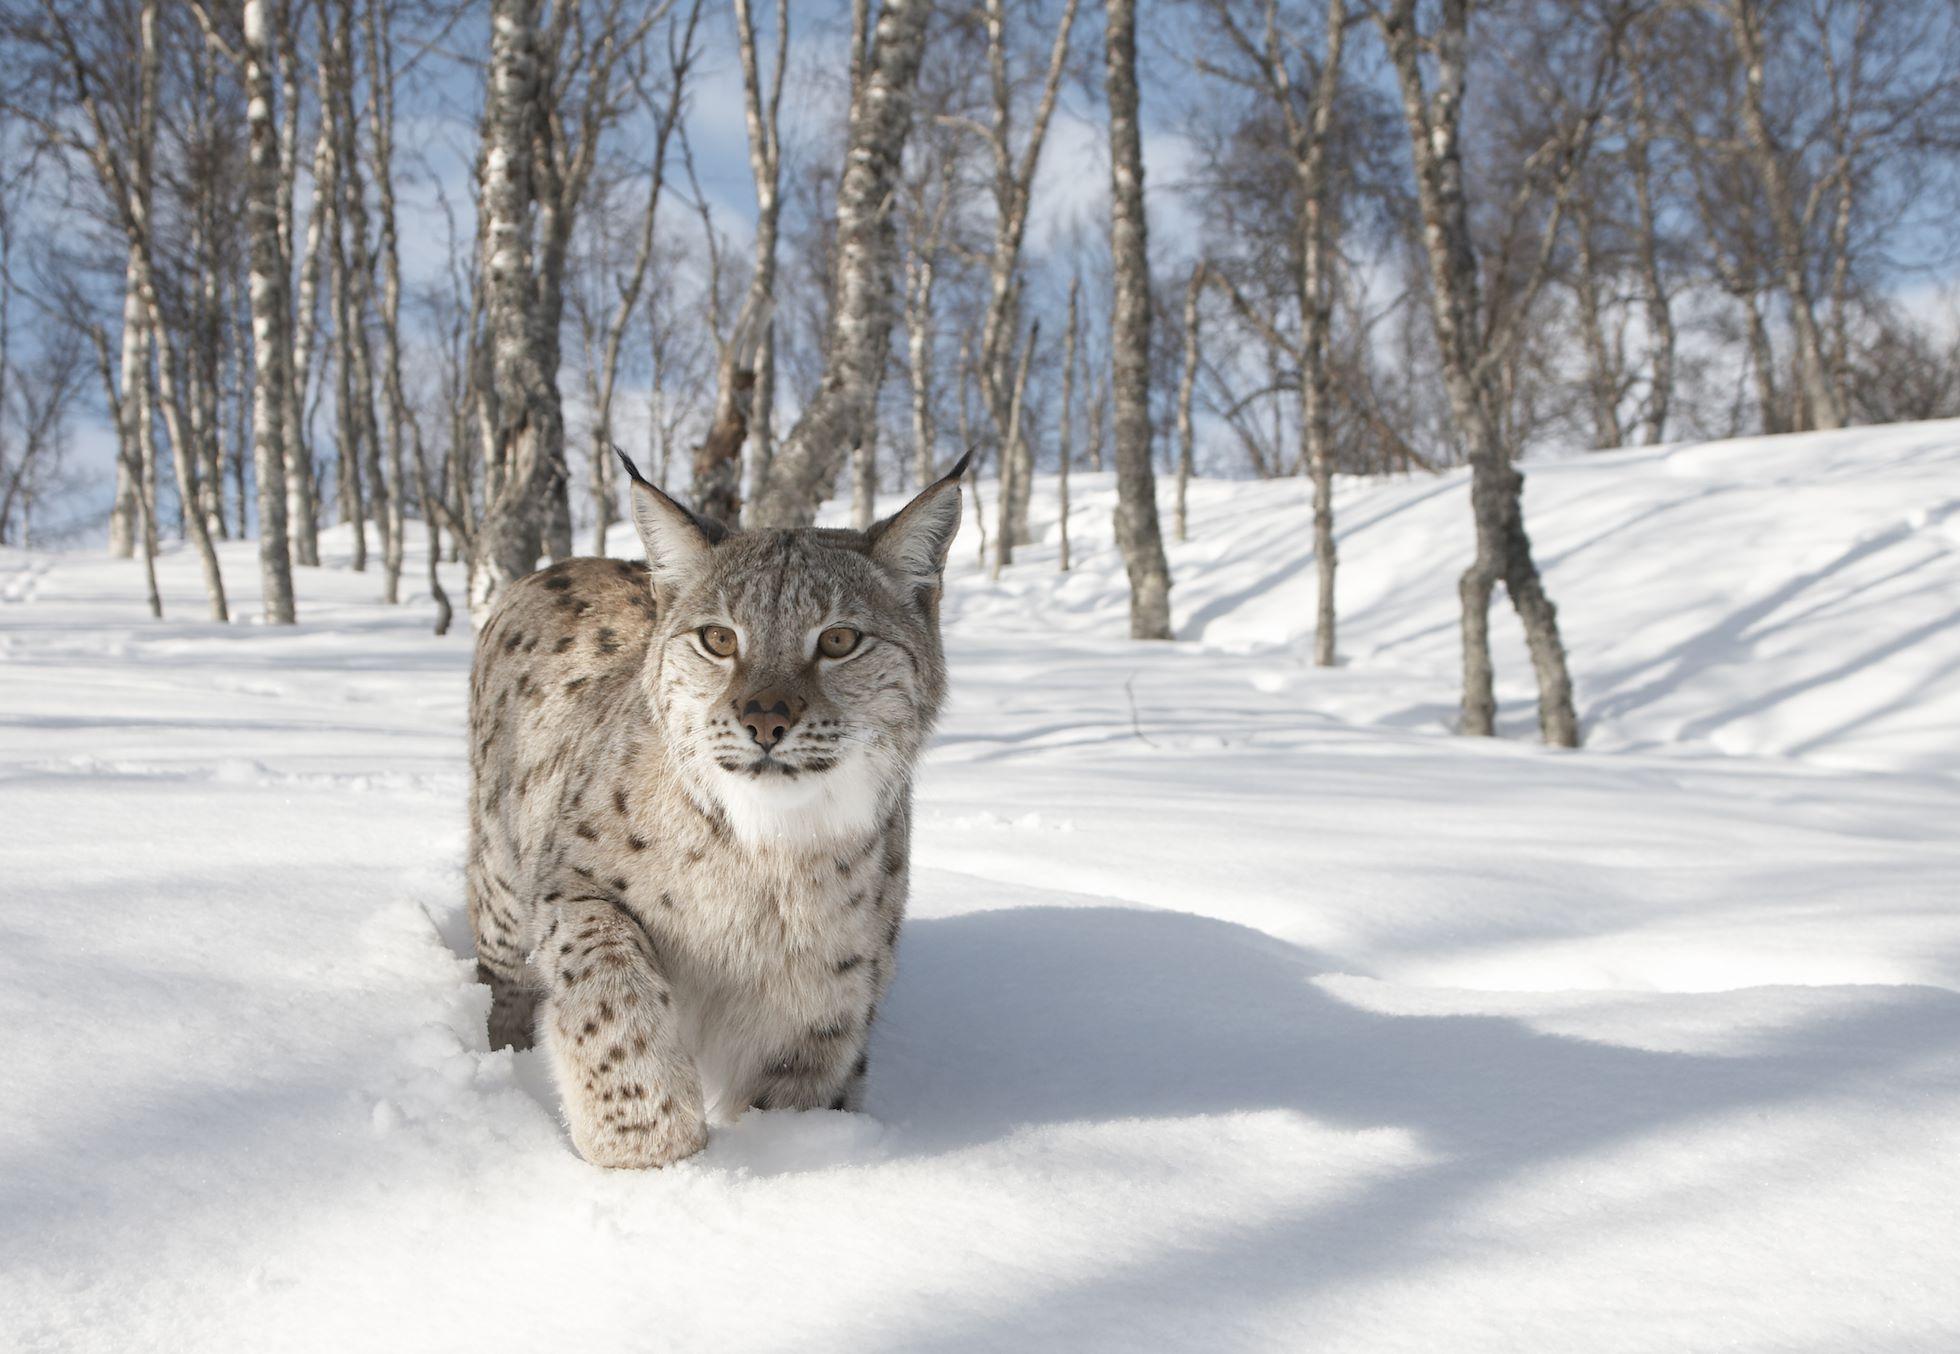 European Lynx (Lynx lynx) adult female in winter birch forest, Bardu, Norway (c)